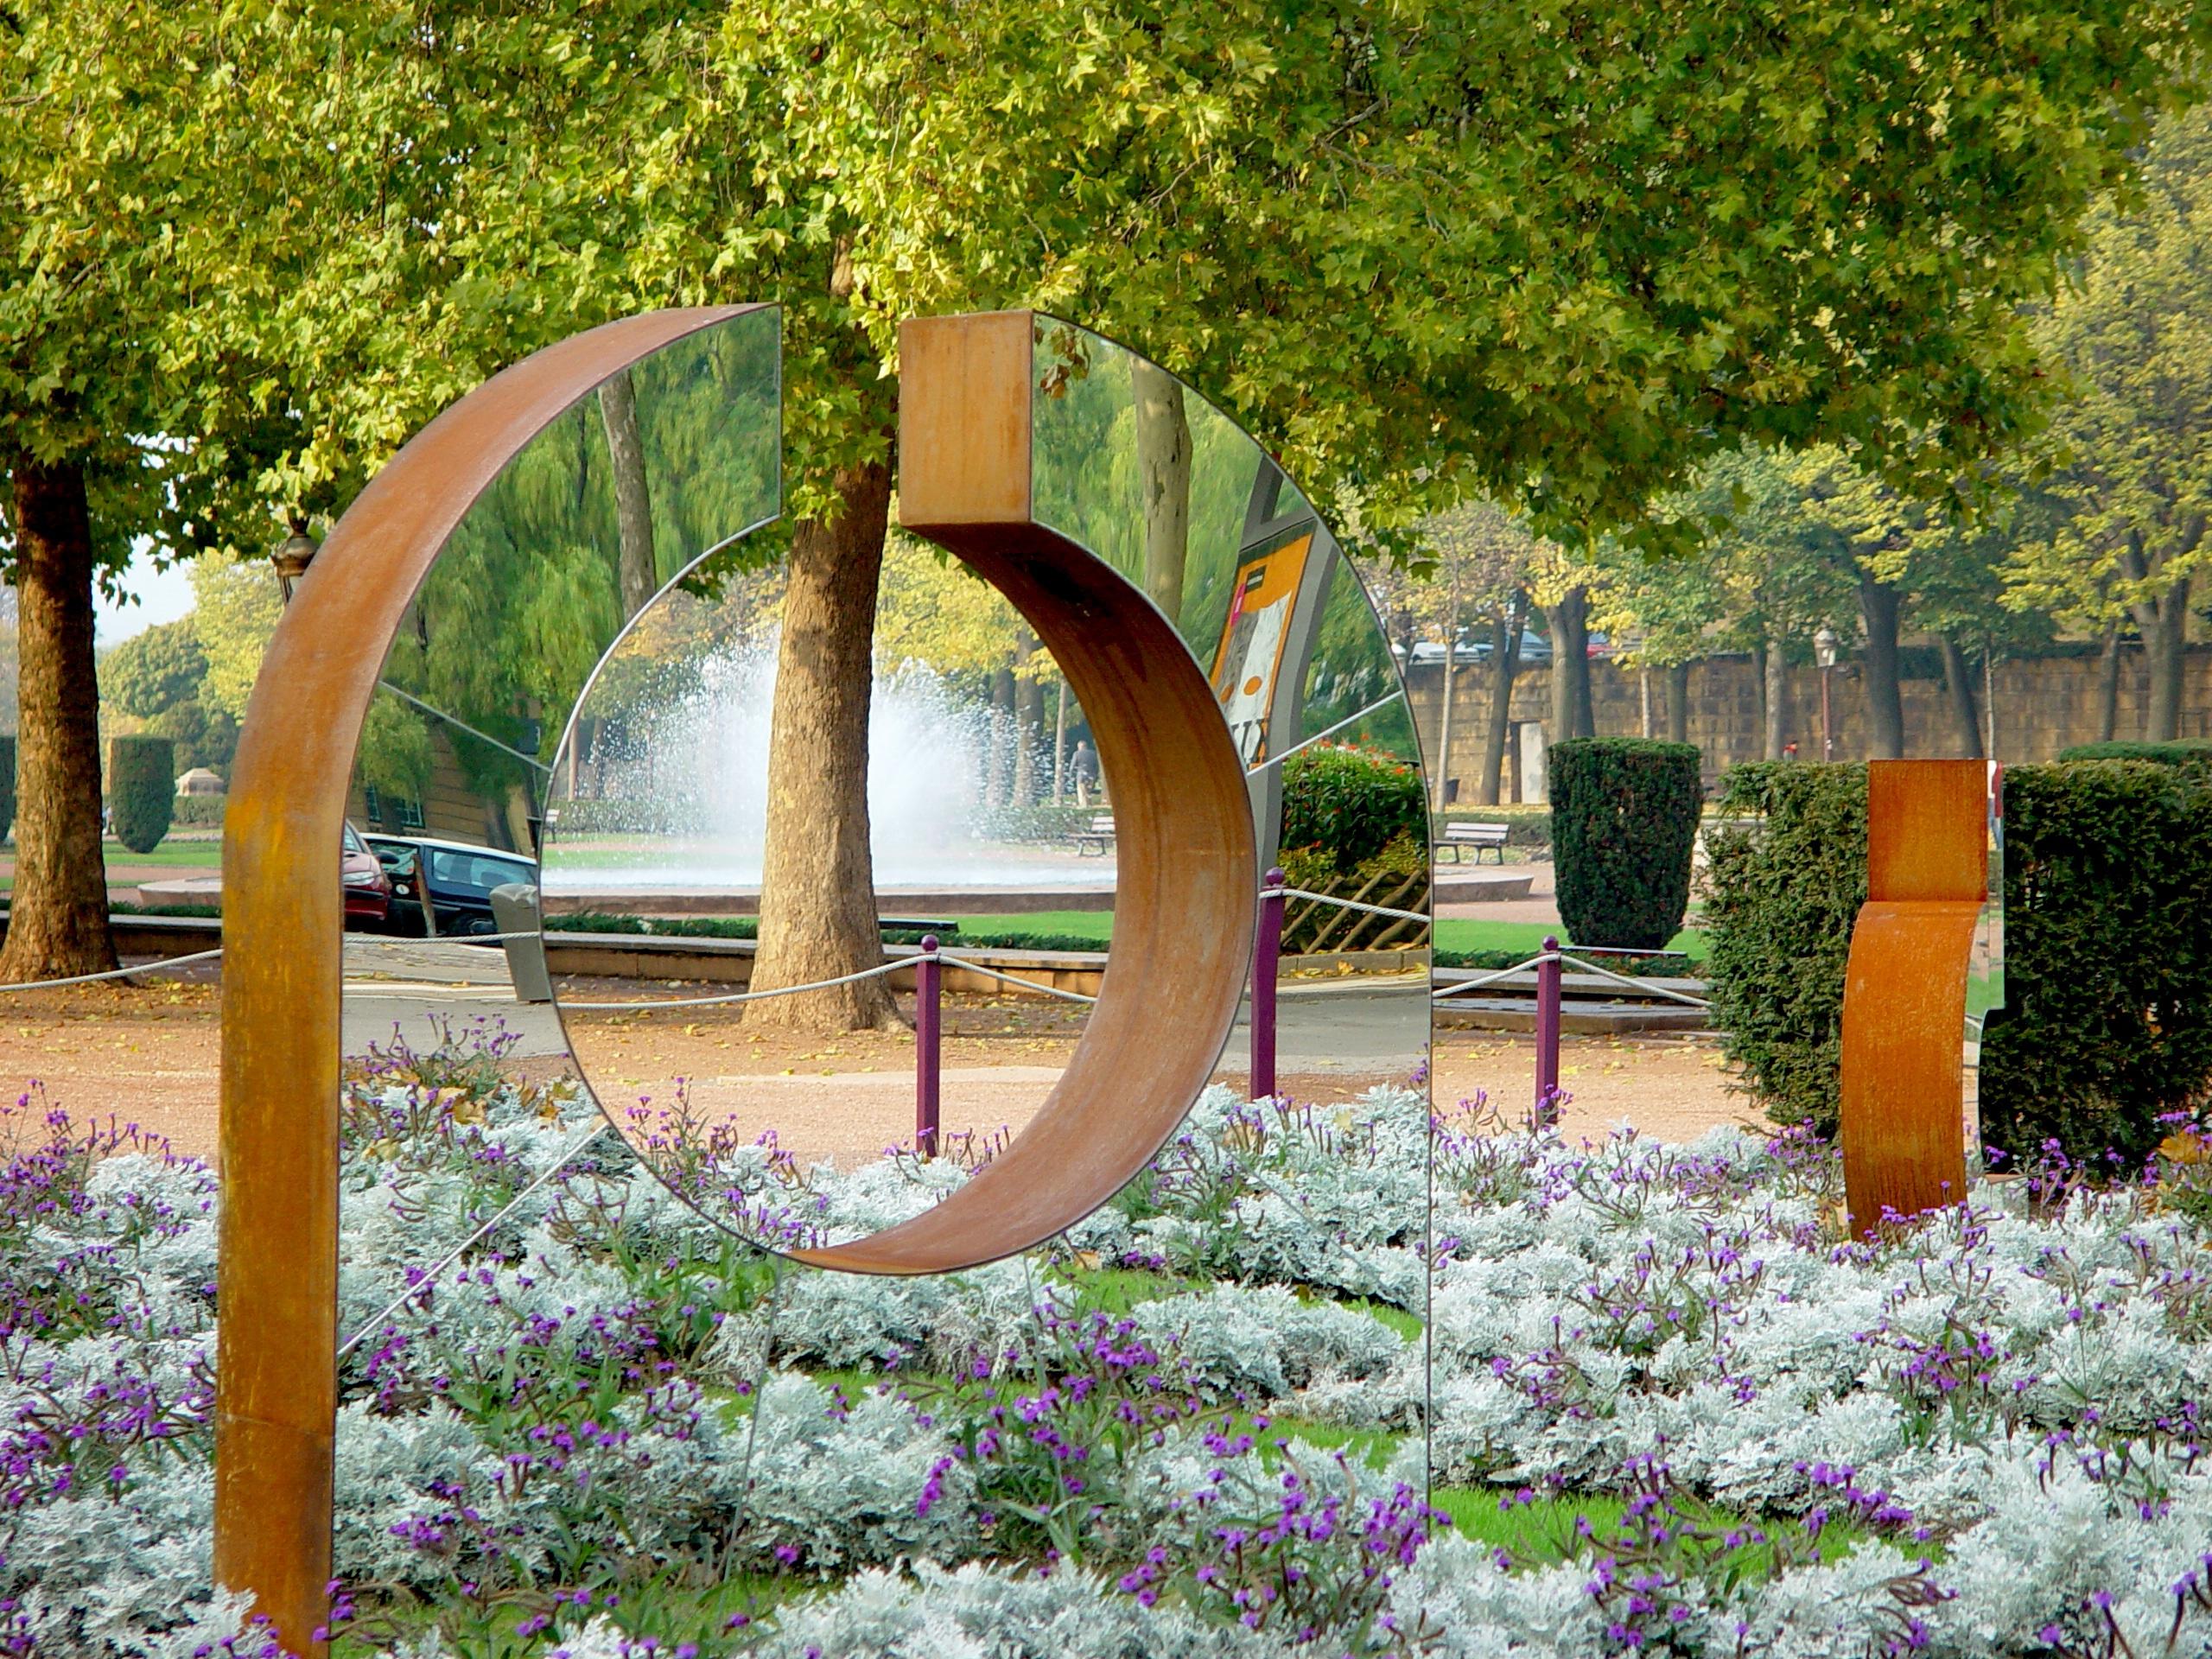 Images Gratuites Feuille Fleur Cambre Parc Arri Re Cour Flore Moderne R Fl Chir